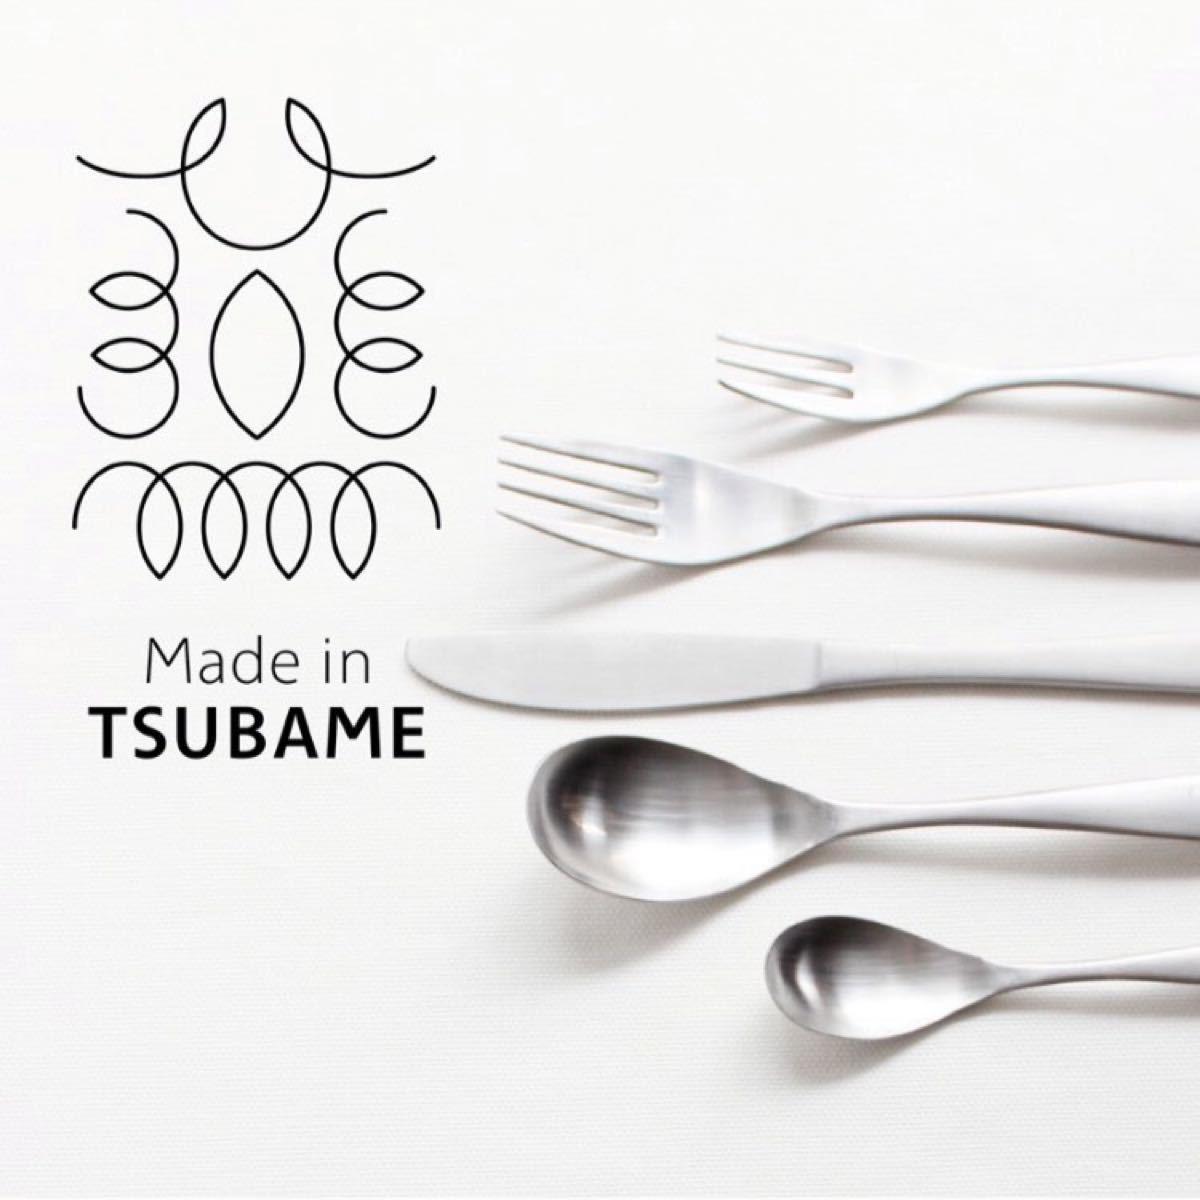 ツバメカトラリー 6個セット カトラリーレスト 新品未使用 made in tsubame